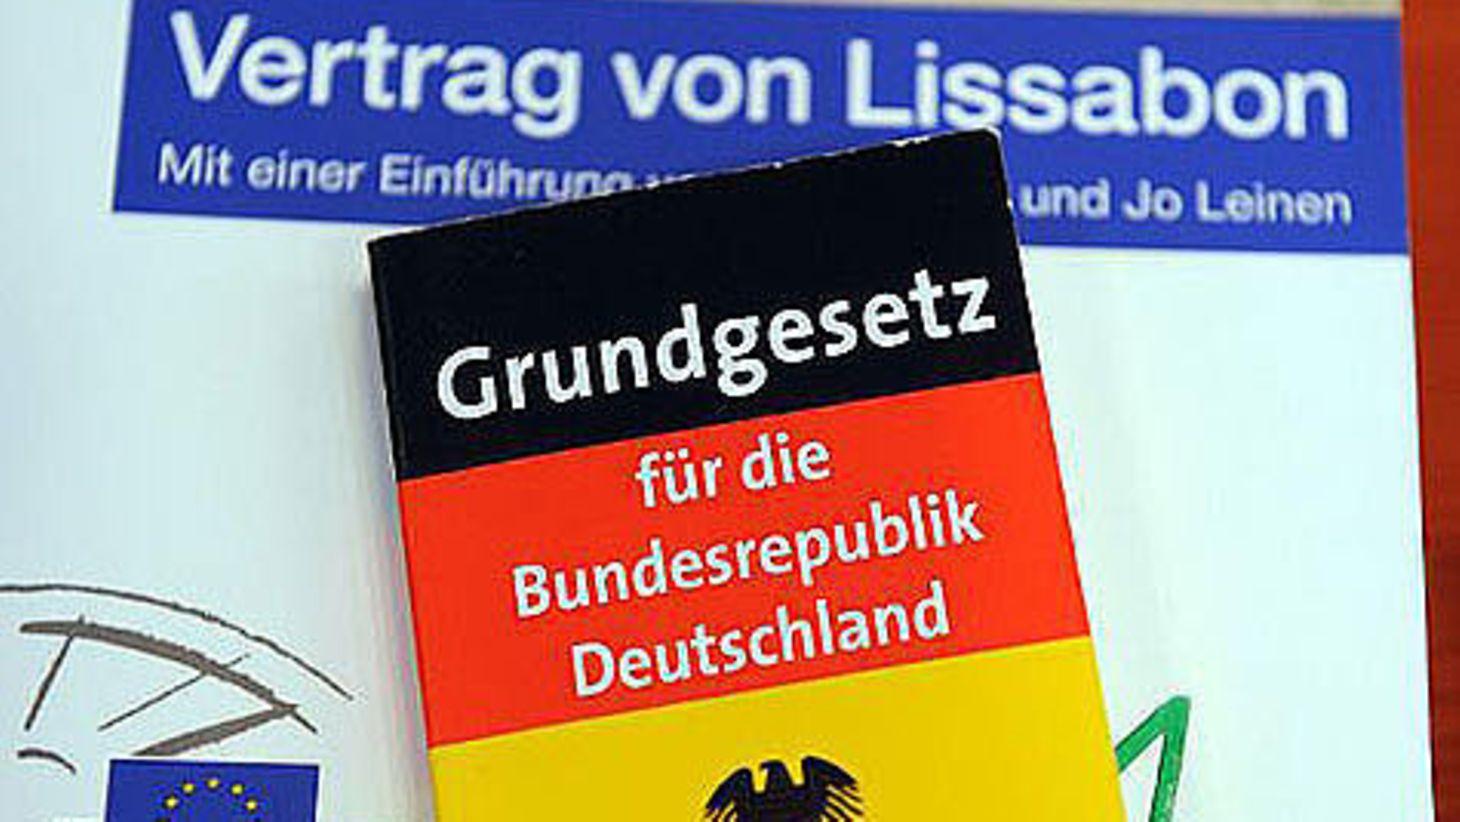 Deutscher Bundestag Der Lissabon Vertrag Und Seine Folgen